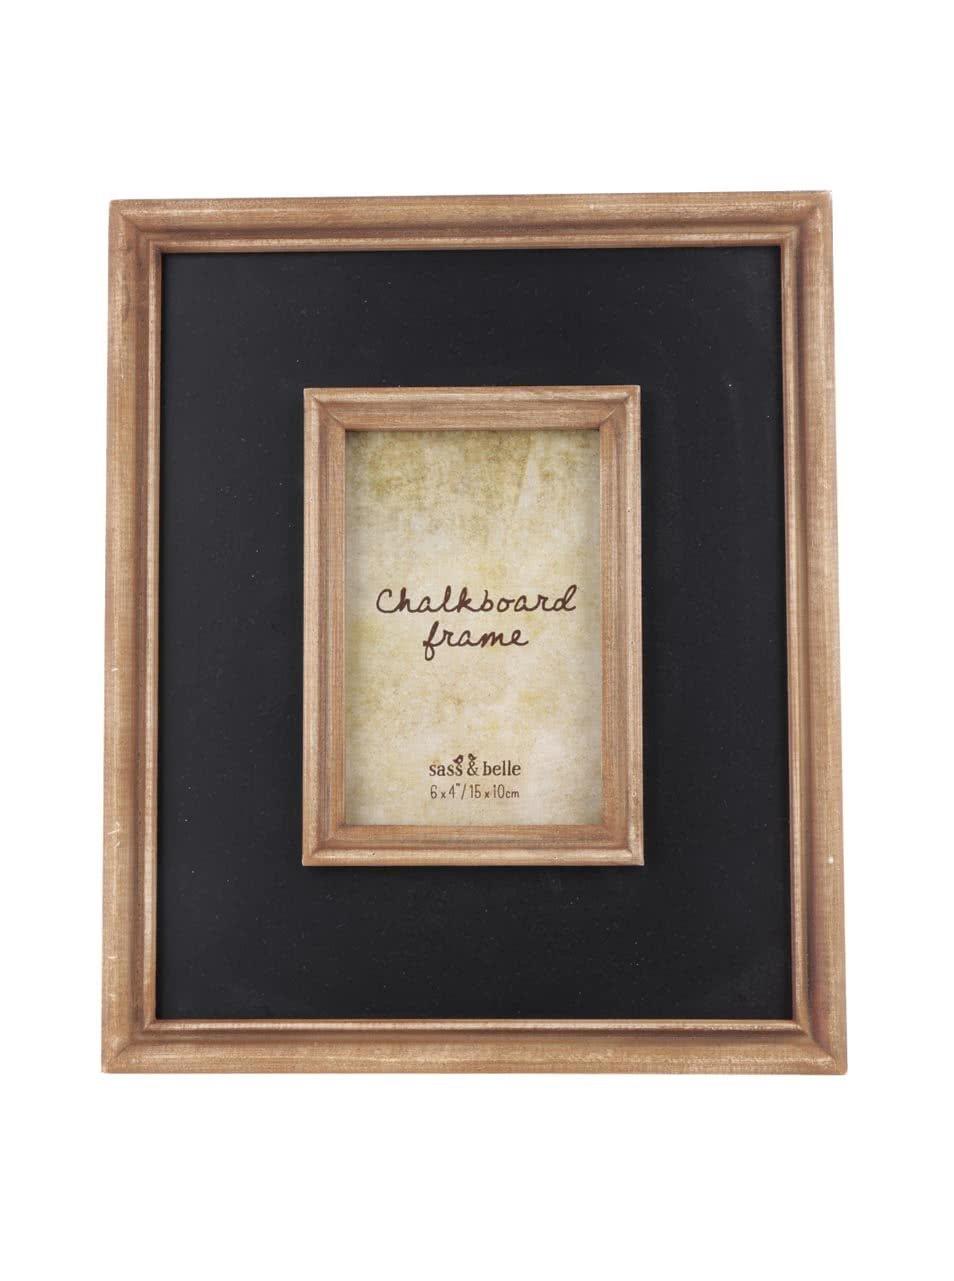 Hnědo-černý větší dřevěný fotorámeček Sass & Belle Chalkboard